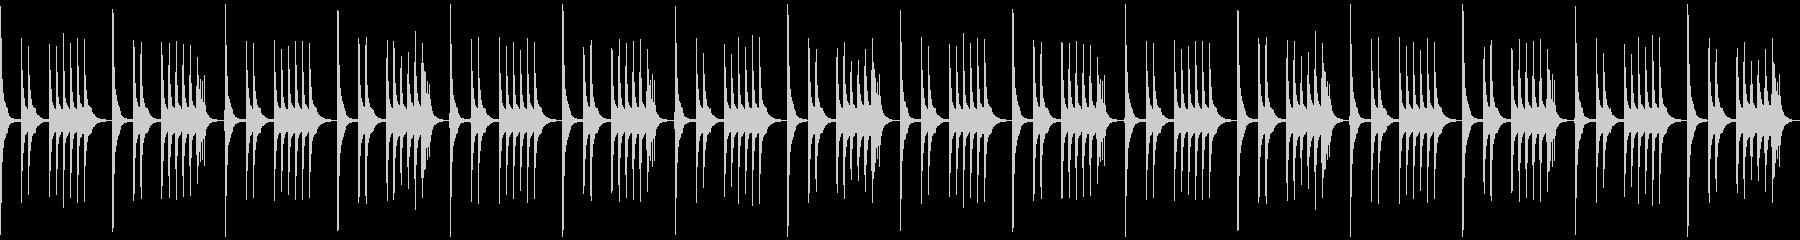 「いたずら、秘密、悪巧み」なBGMの未再生の波形